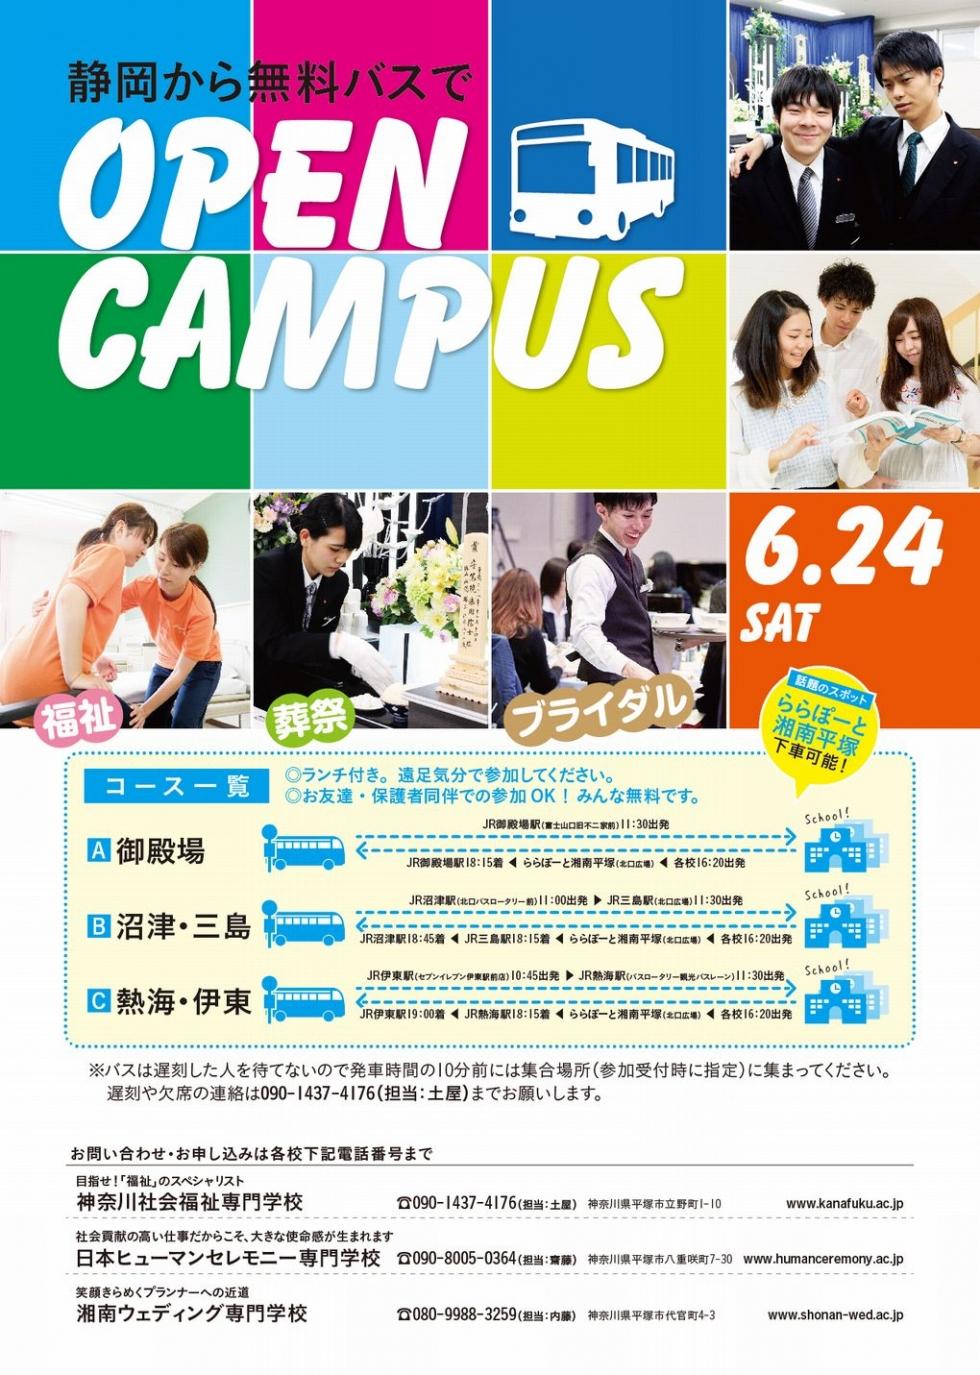 静岡から無料バスでOPEN CAMPUS 3月29日